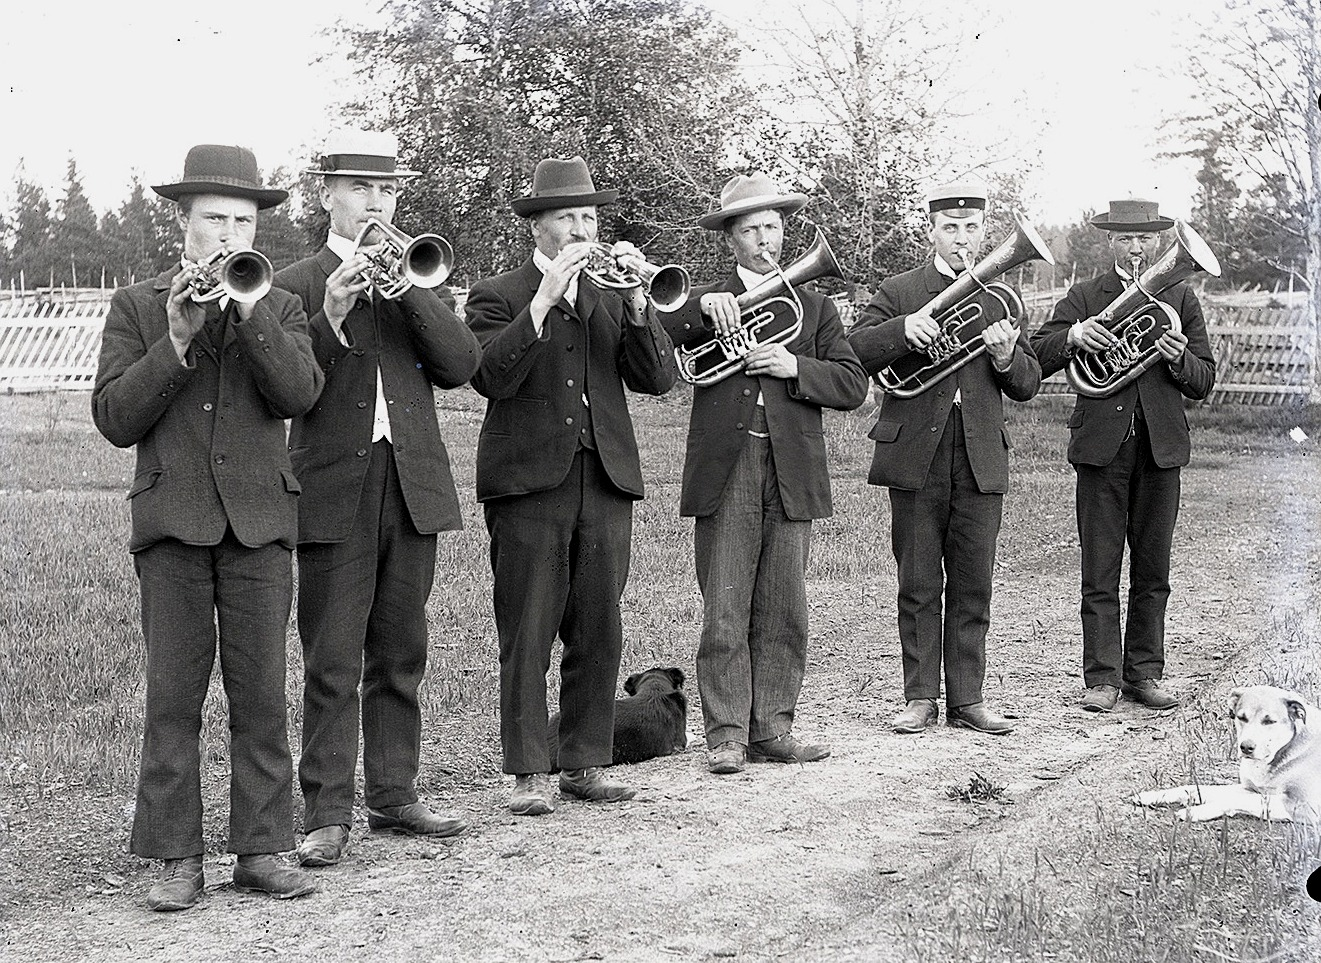 Viktor var också med i den hornorkester, som hans svåger läraren Henrik Rosenback drog i gång i Dagsmark. Tredje från vänster är Viktor och följande högerut är hans bror Erik Anders Englund.